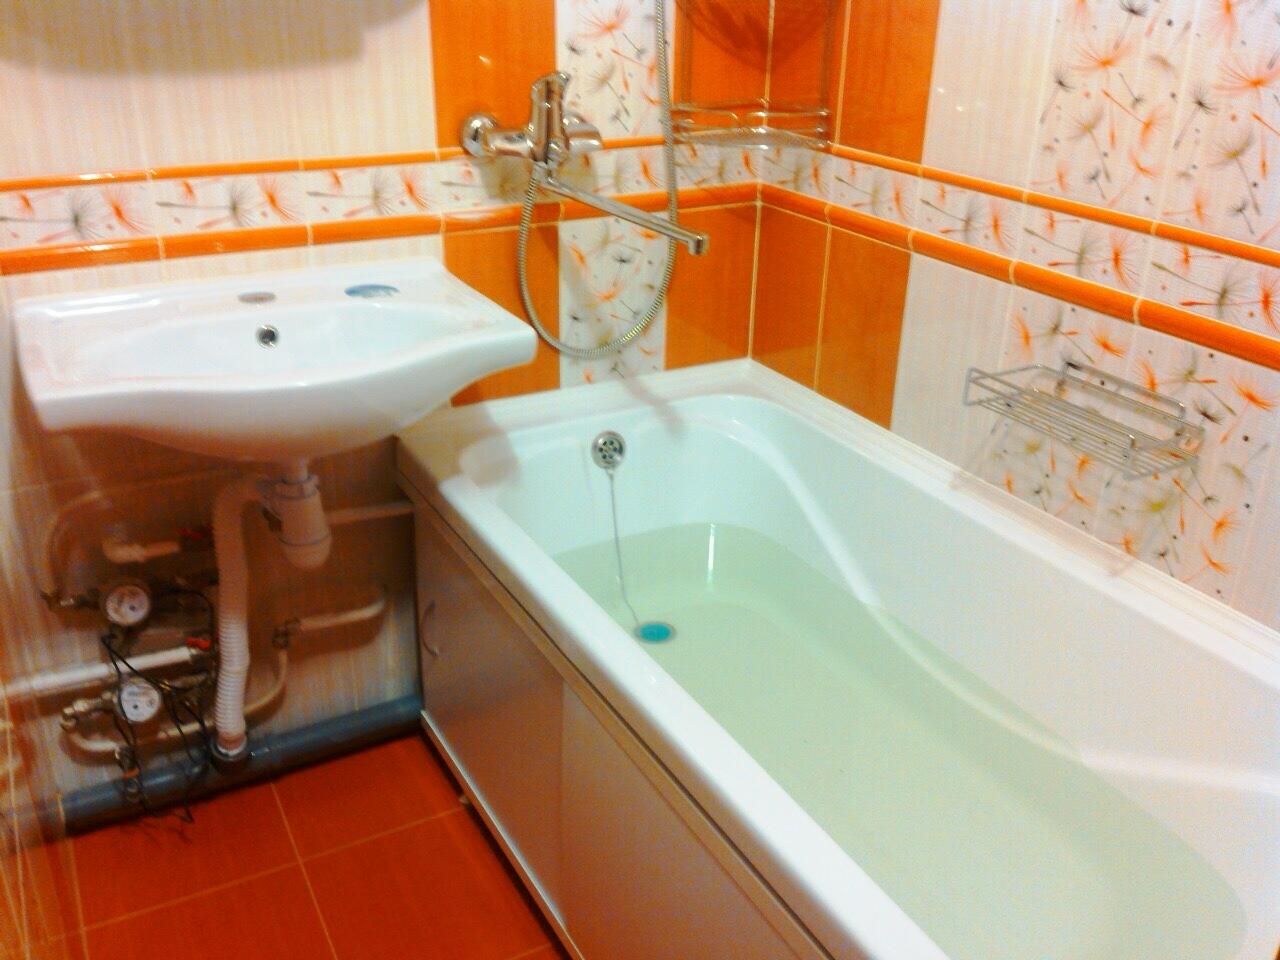 Ремонт в ванной - на что обратить внимание?